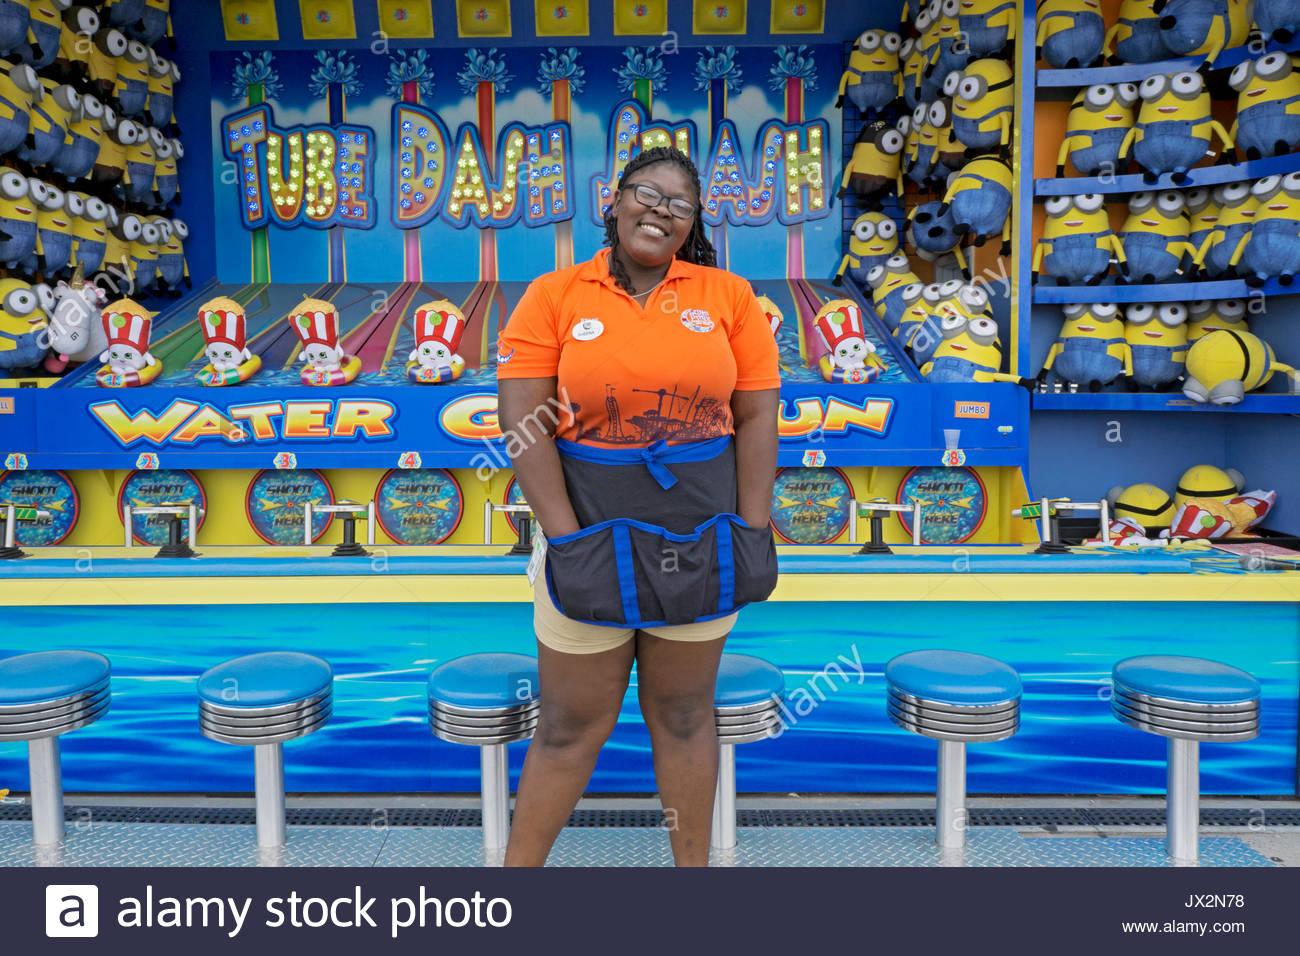 Une étudiante à son emploi d'été travailler à un jeu d'arcade sur le Boardwalk Coney Island à Brooklyn, New York. Photo Stock